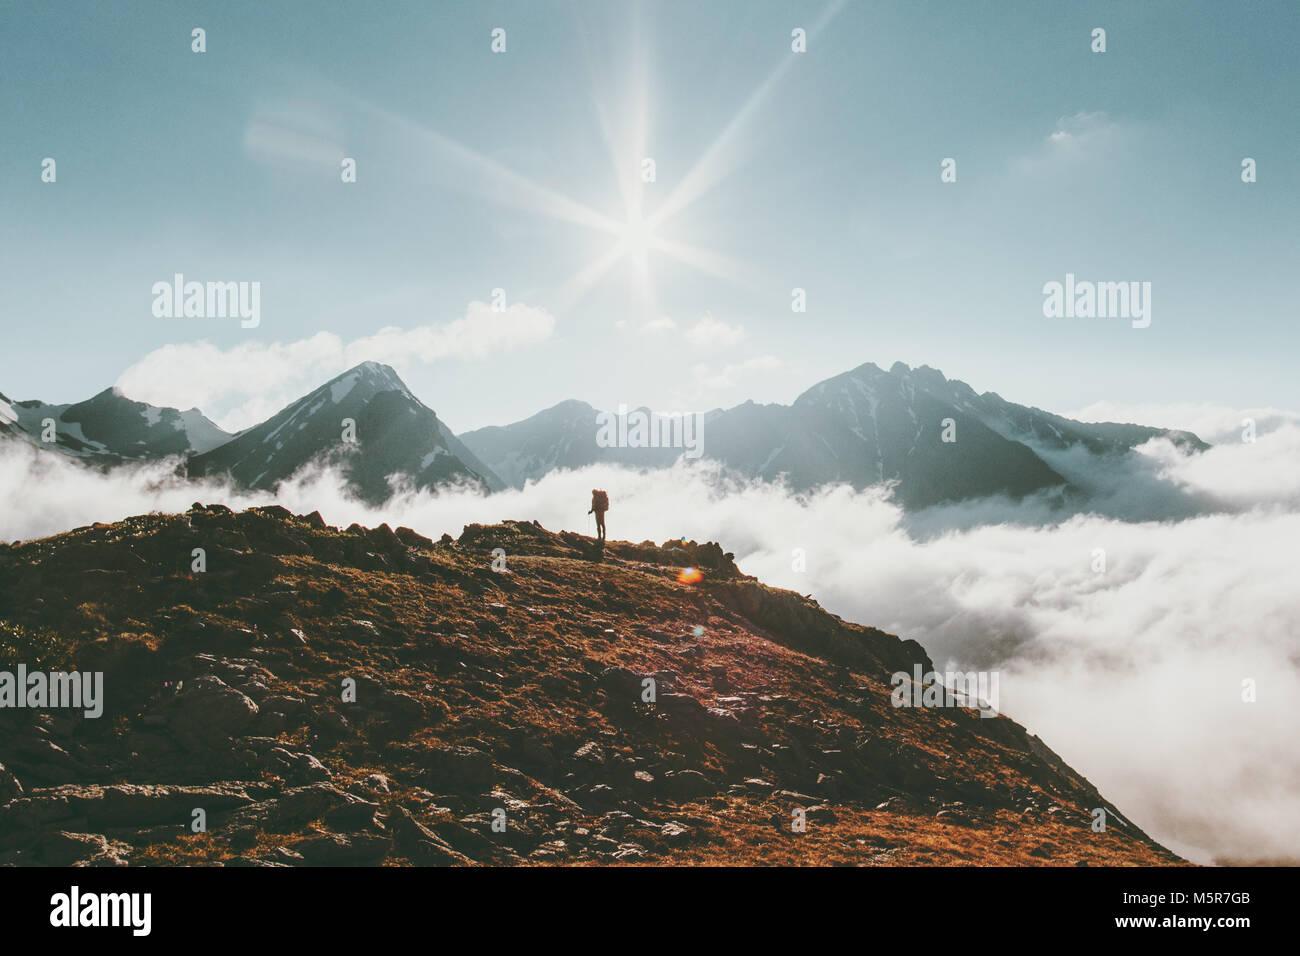 Paisaje de las montañas de viajes de aventura en el estilo de vida de viajero concepto solas vacaciones de Imagen De Stock